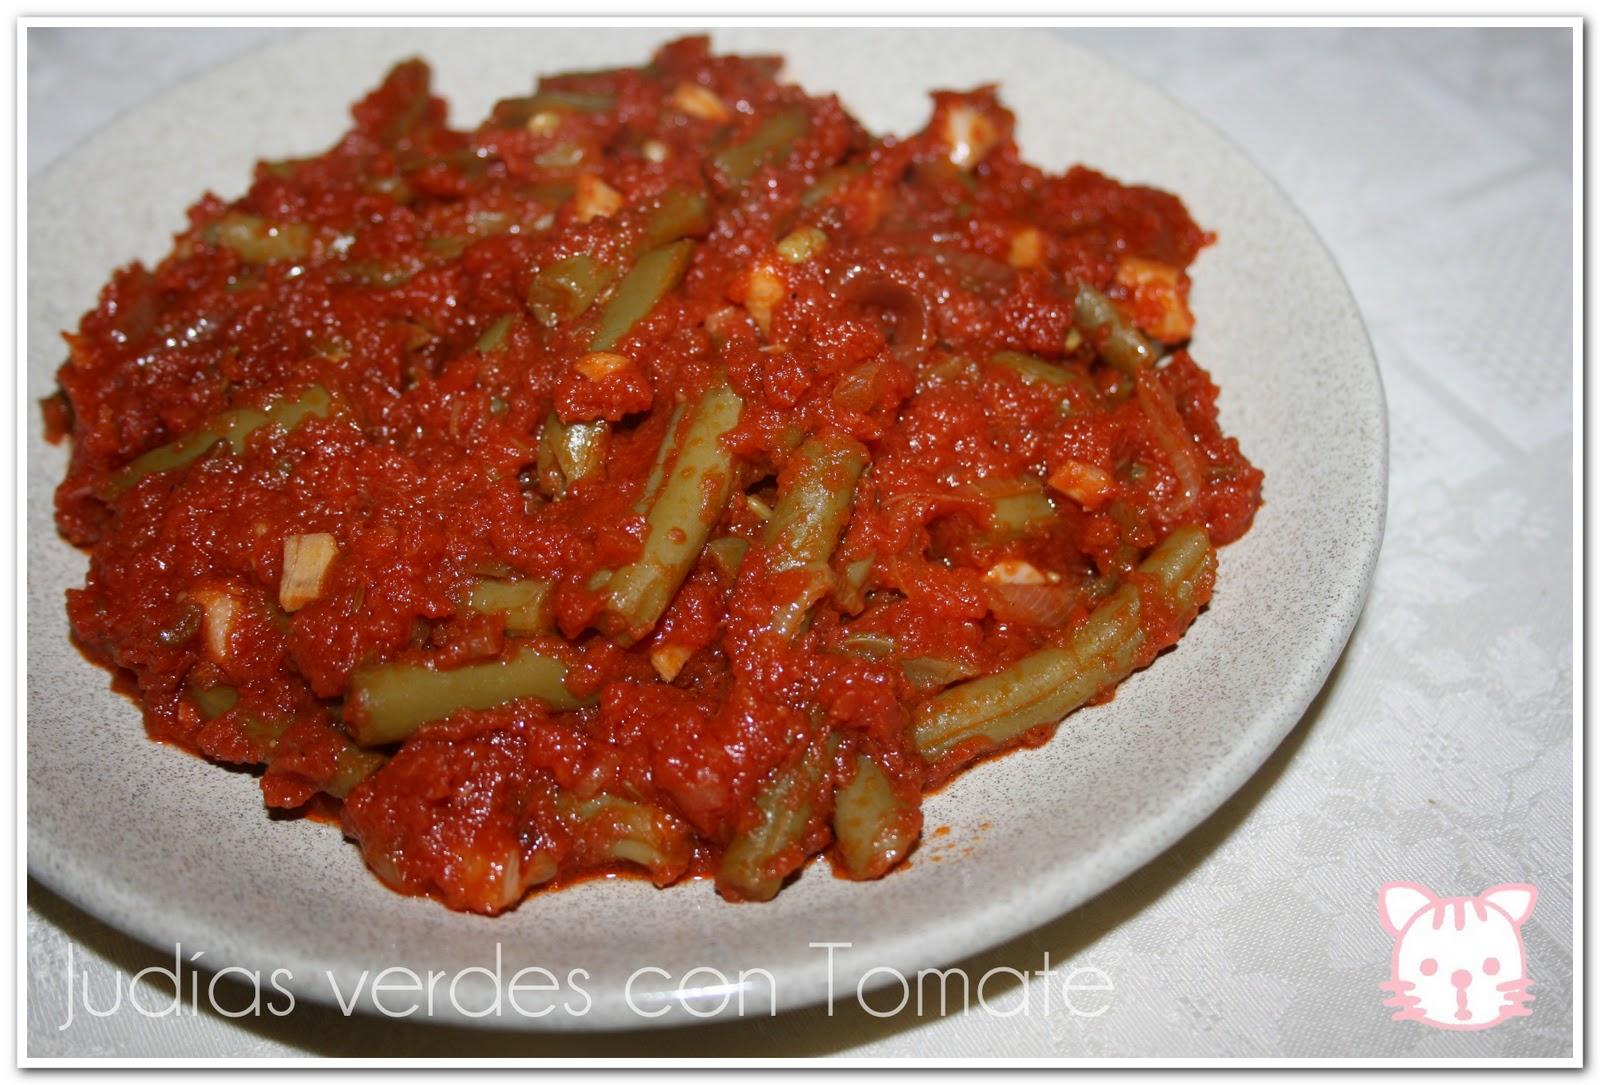 Jud as verdes con tomate ma cuisine particulier - Tiempo coccion judias verdes ...